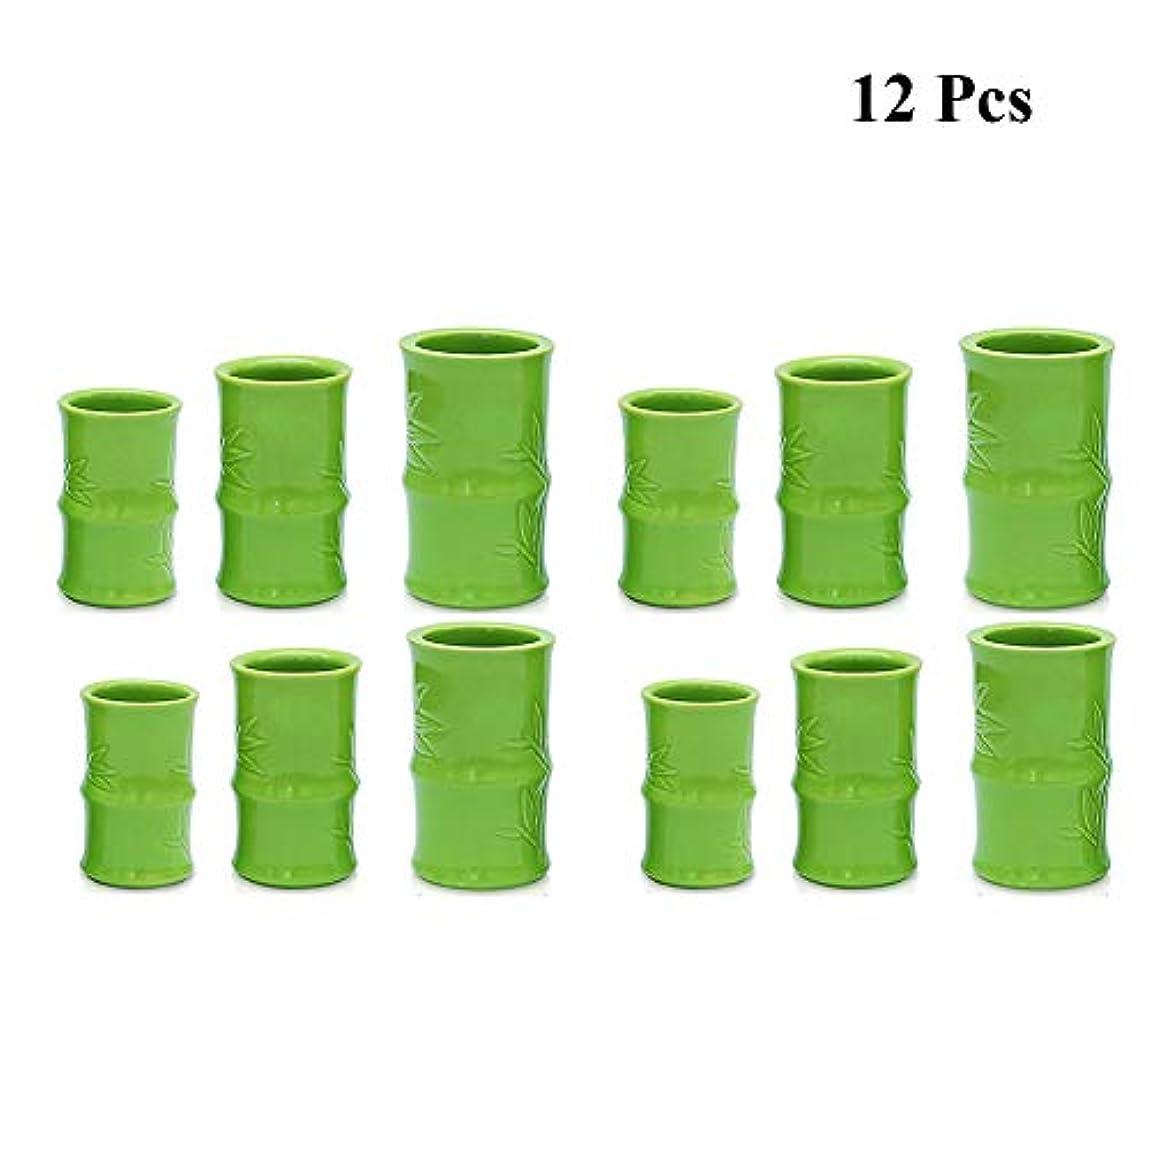 ぐるぐる気絶させる混乱させる真空カッピングマッサージ療法セット - 陶磁器の鍋缶 - 鍼ボディセラピーセット,D12pcs